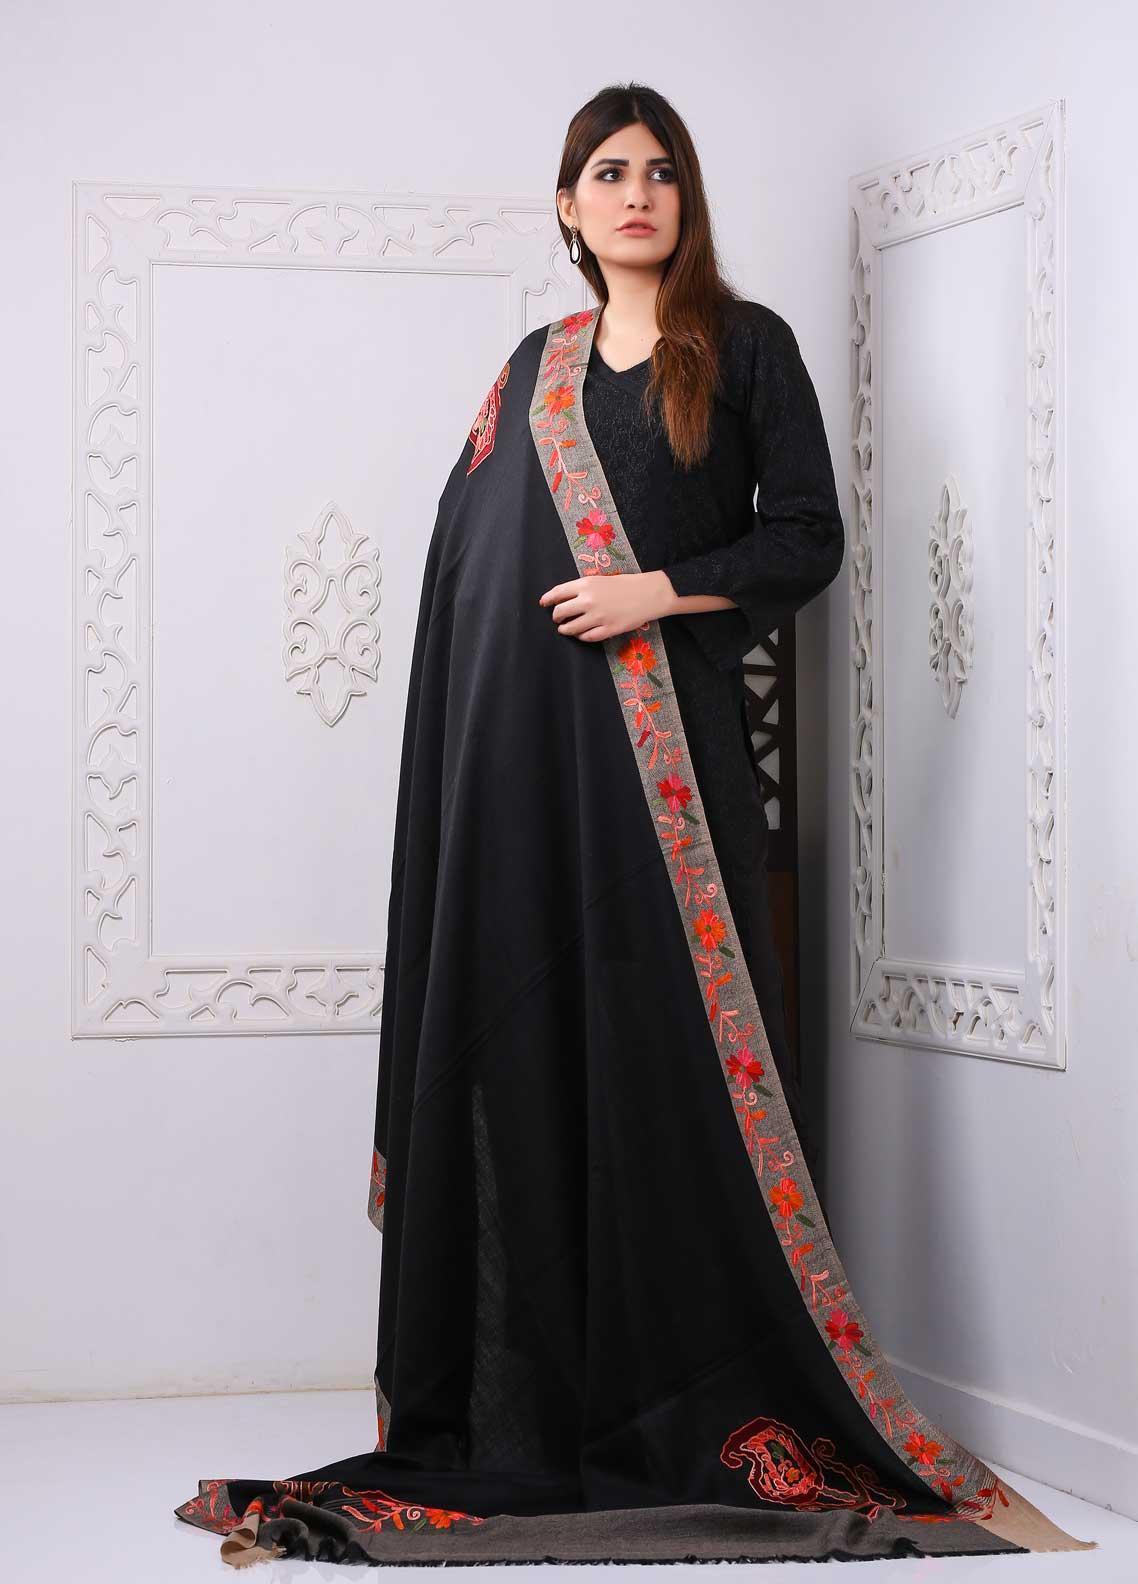 Sanaulla Exclusive Range Embroidered Premium Pashmina  Shawl PRMSH 323936 - Premium Pashmina Shawls